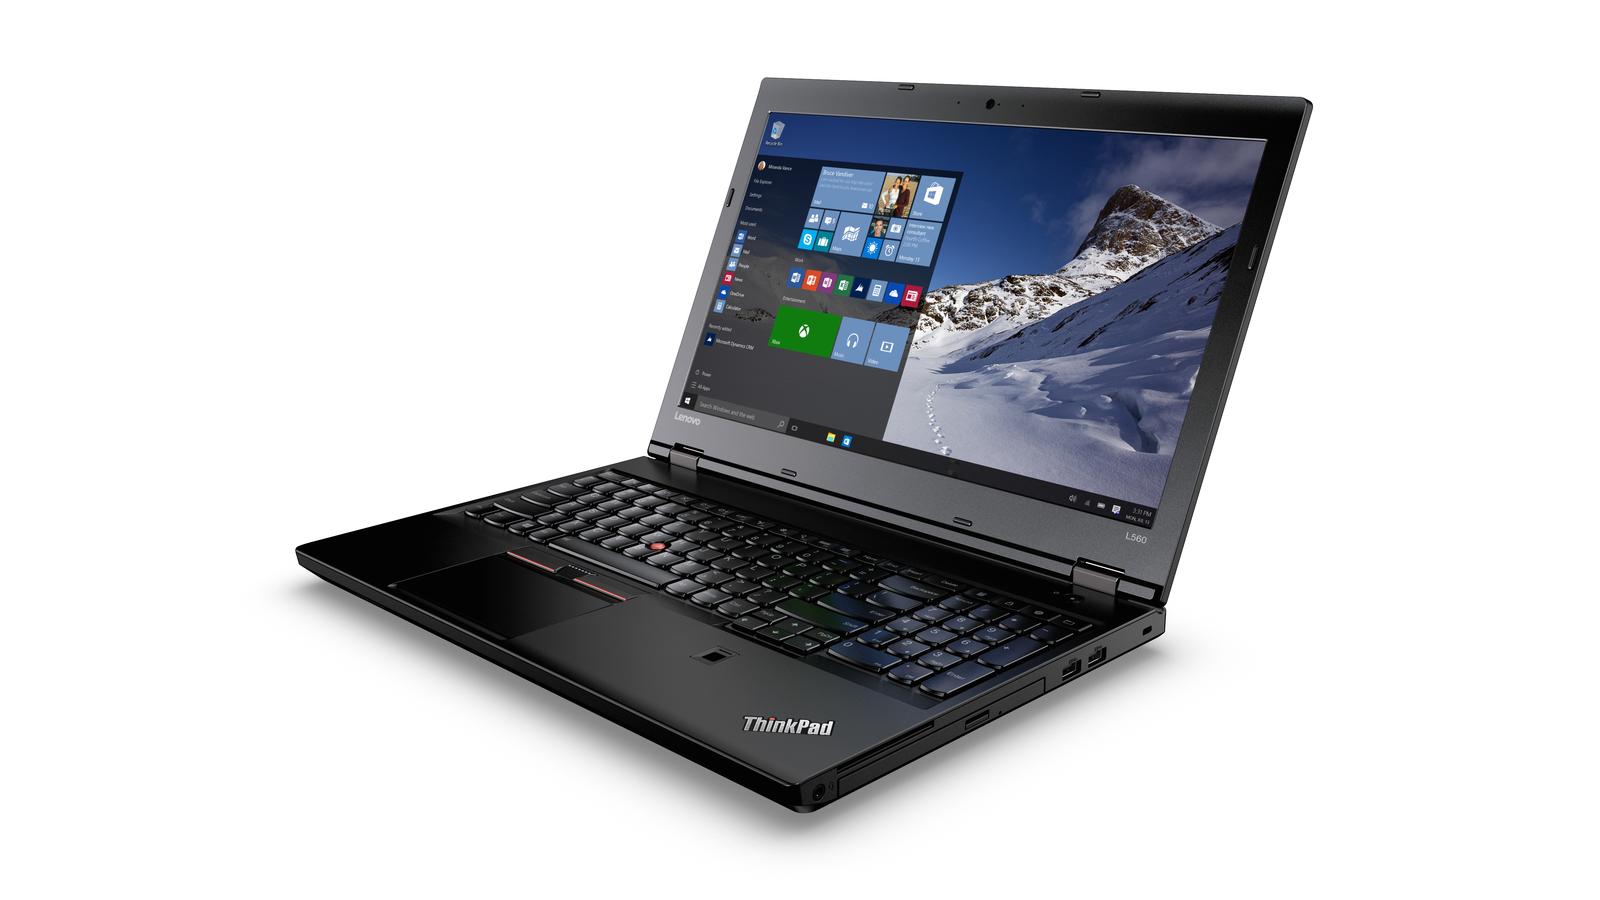 """20F2S24000 ThinkPad L560 15.6"""" IPS FHD/i7-6600U/8GB/500GB/HD/10 Pro"""